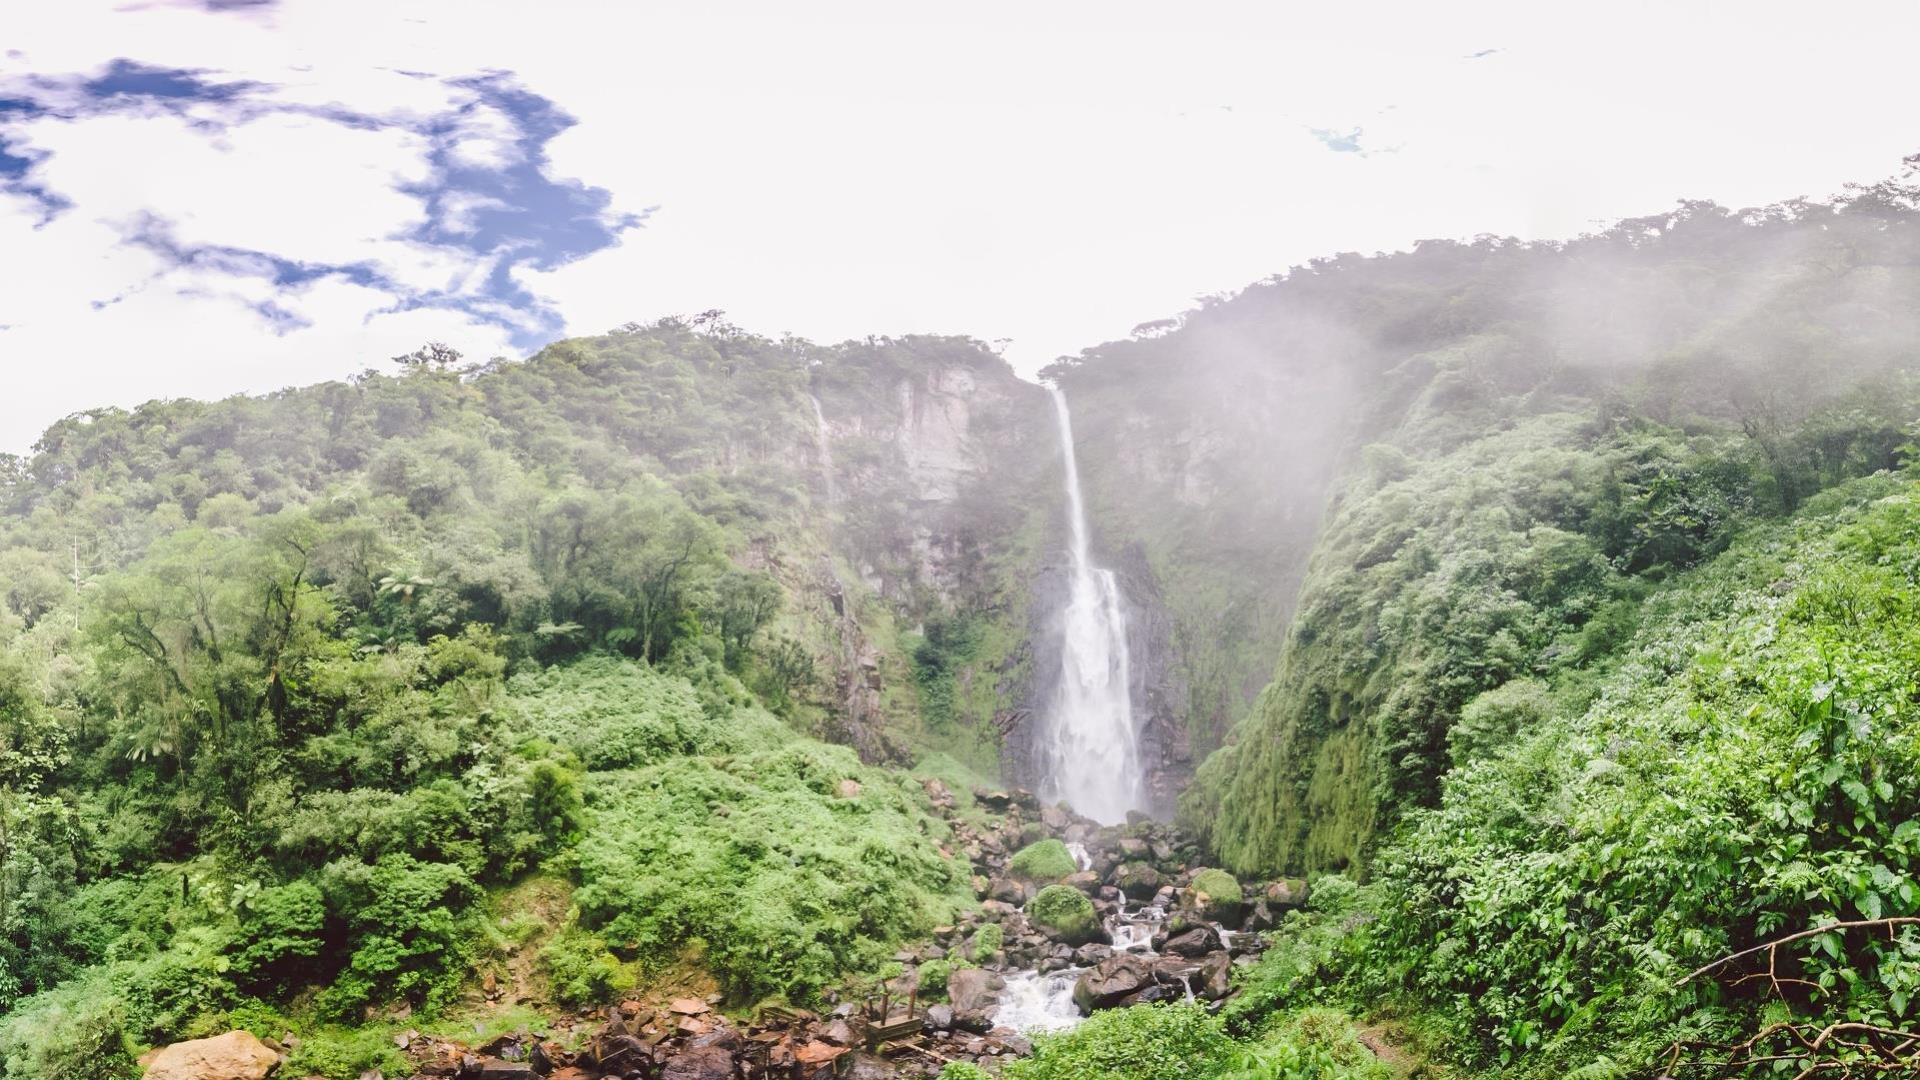 Brasilien Florianopolis bis Estaleiro: 2 Tage Reisebaustein - Wanderung und Camping im Atlantischen Regenwald